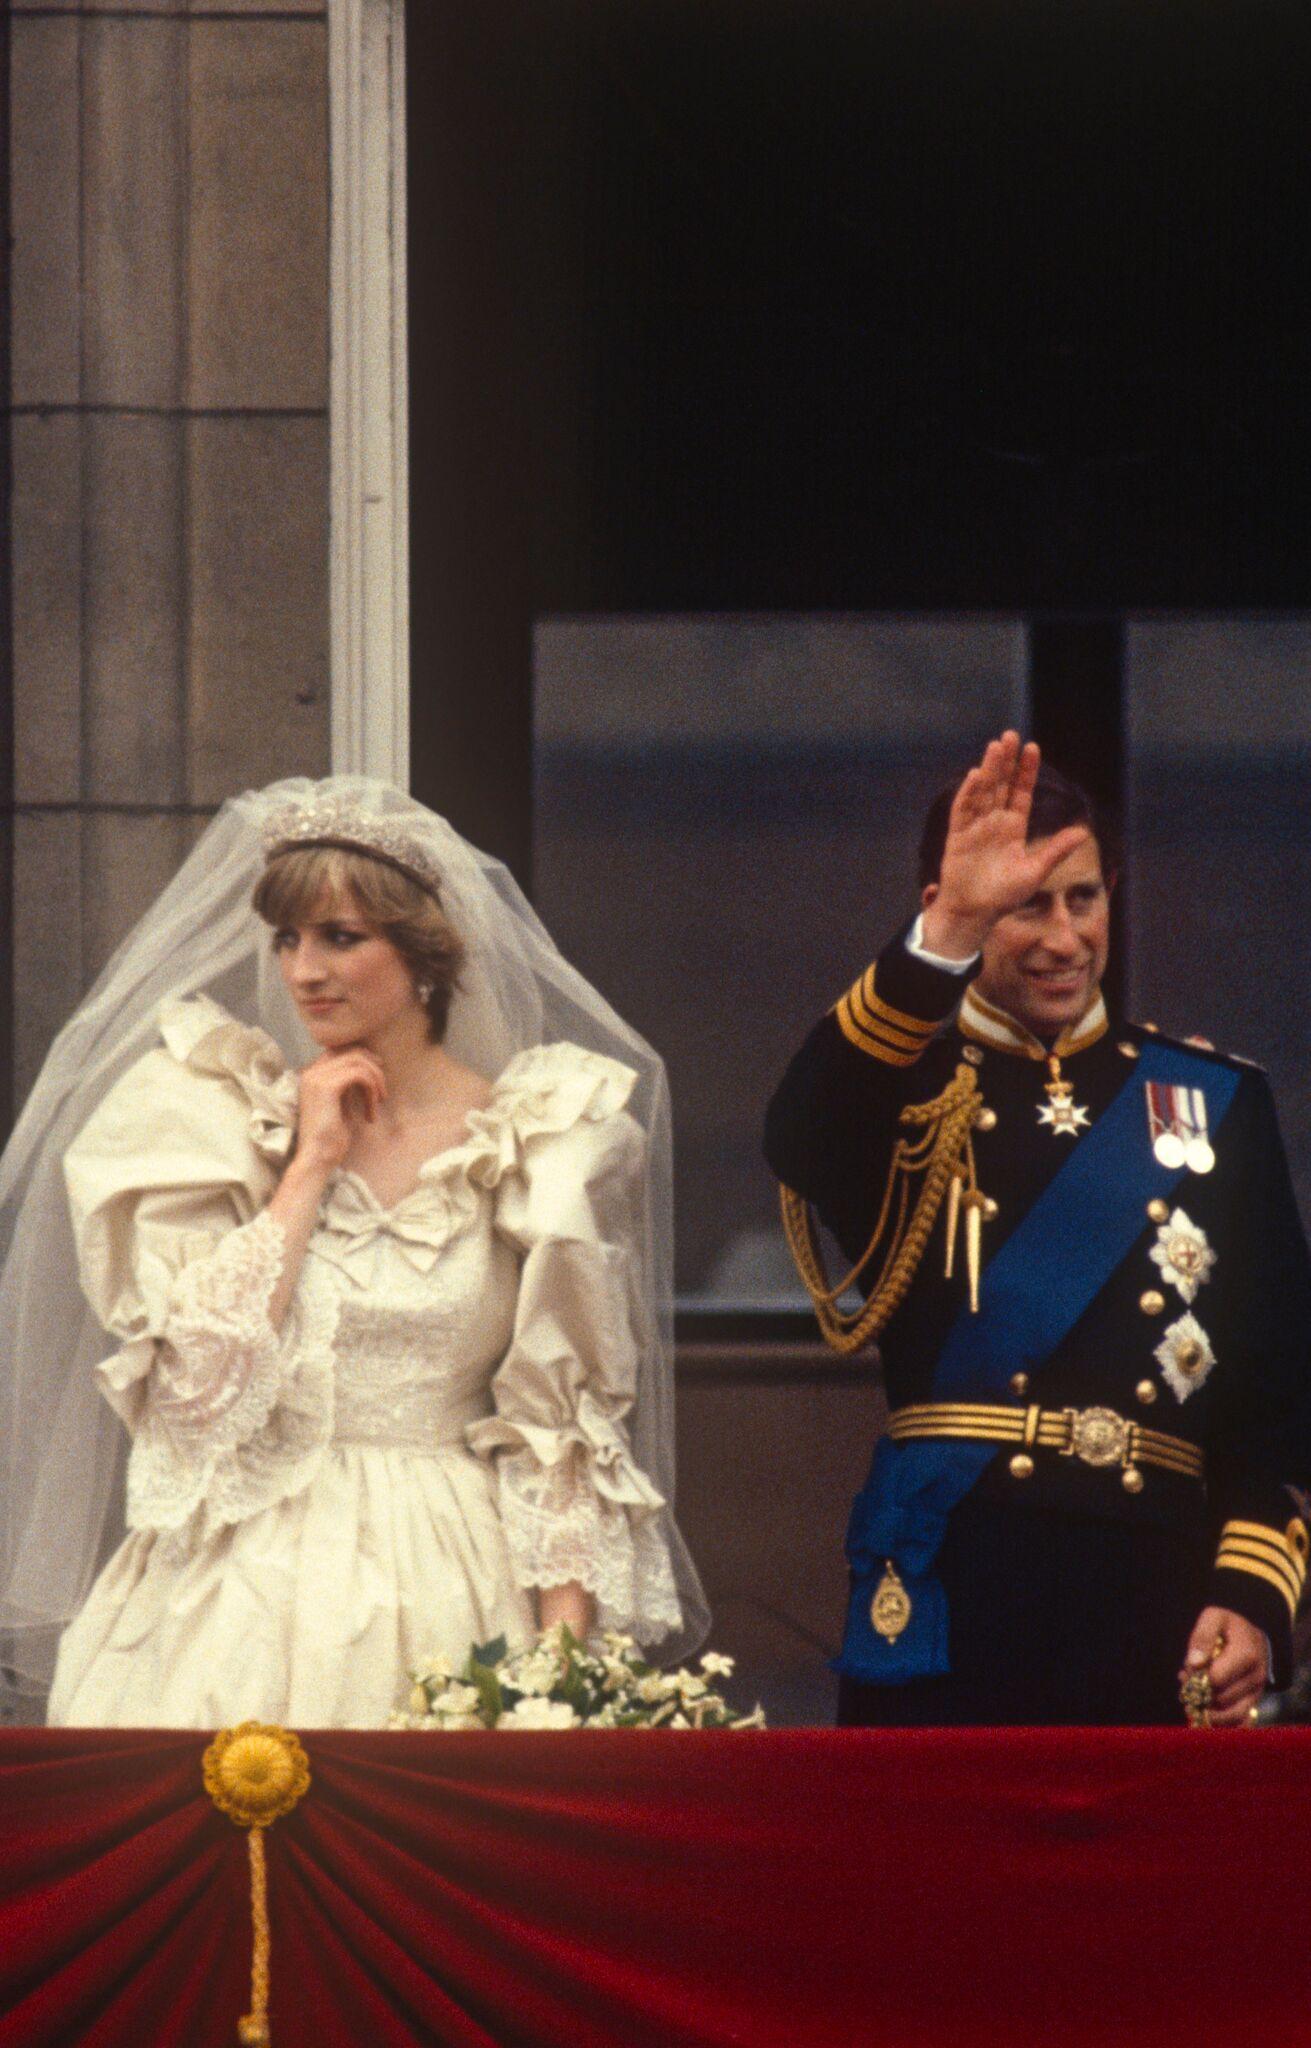 La princesse Diana et le prince Charles sur le balcon du palais le jour de leur mariage   Photo : Getty Images/ Global Images Ukraine